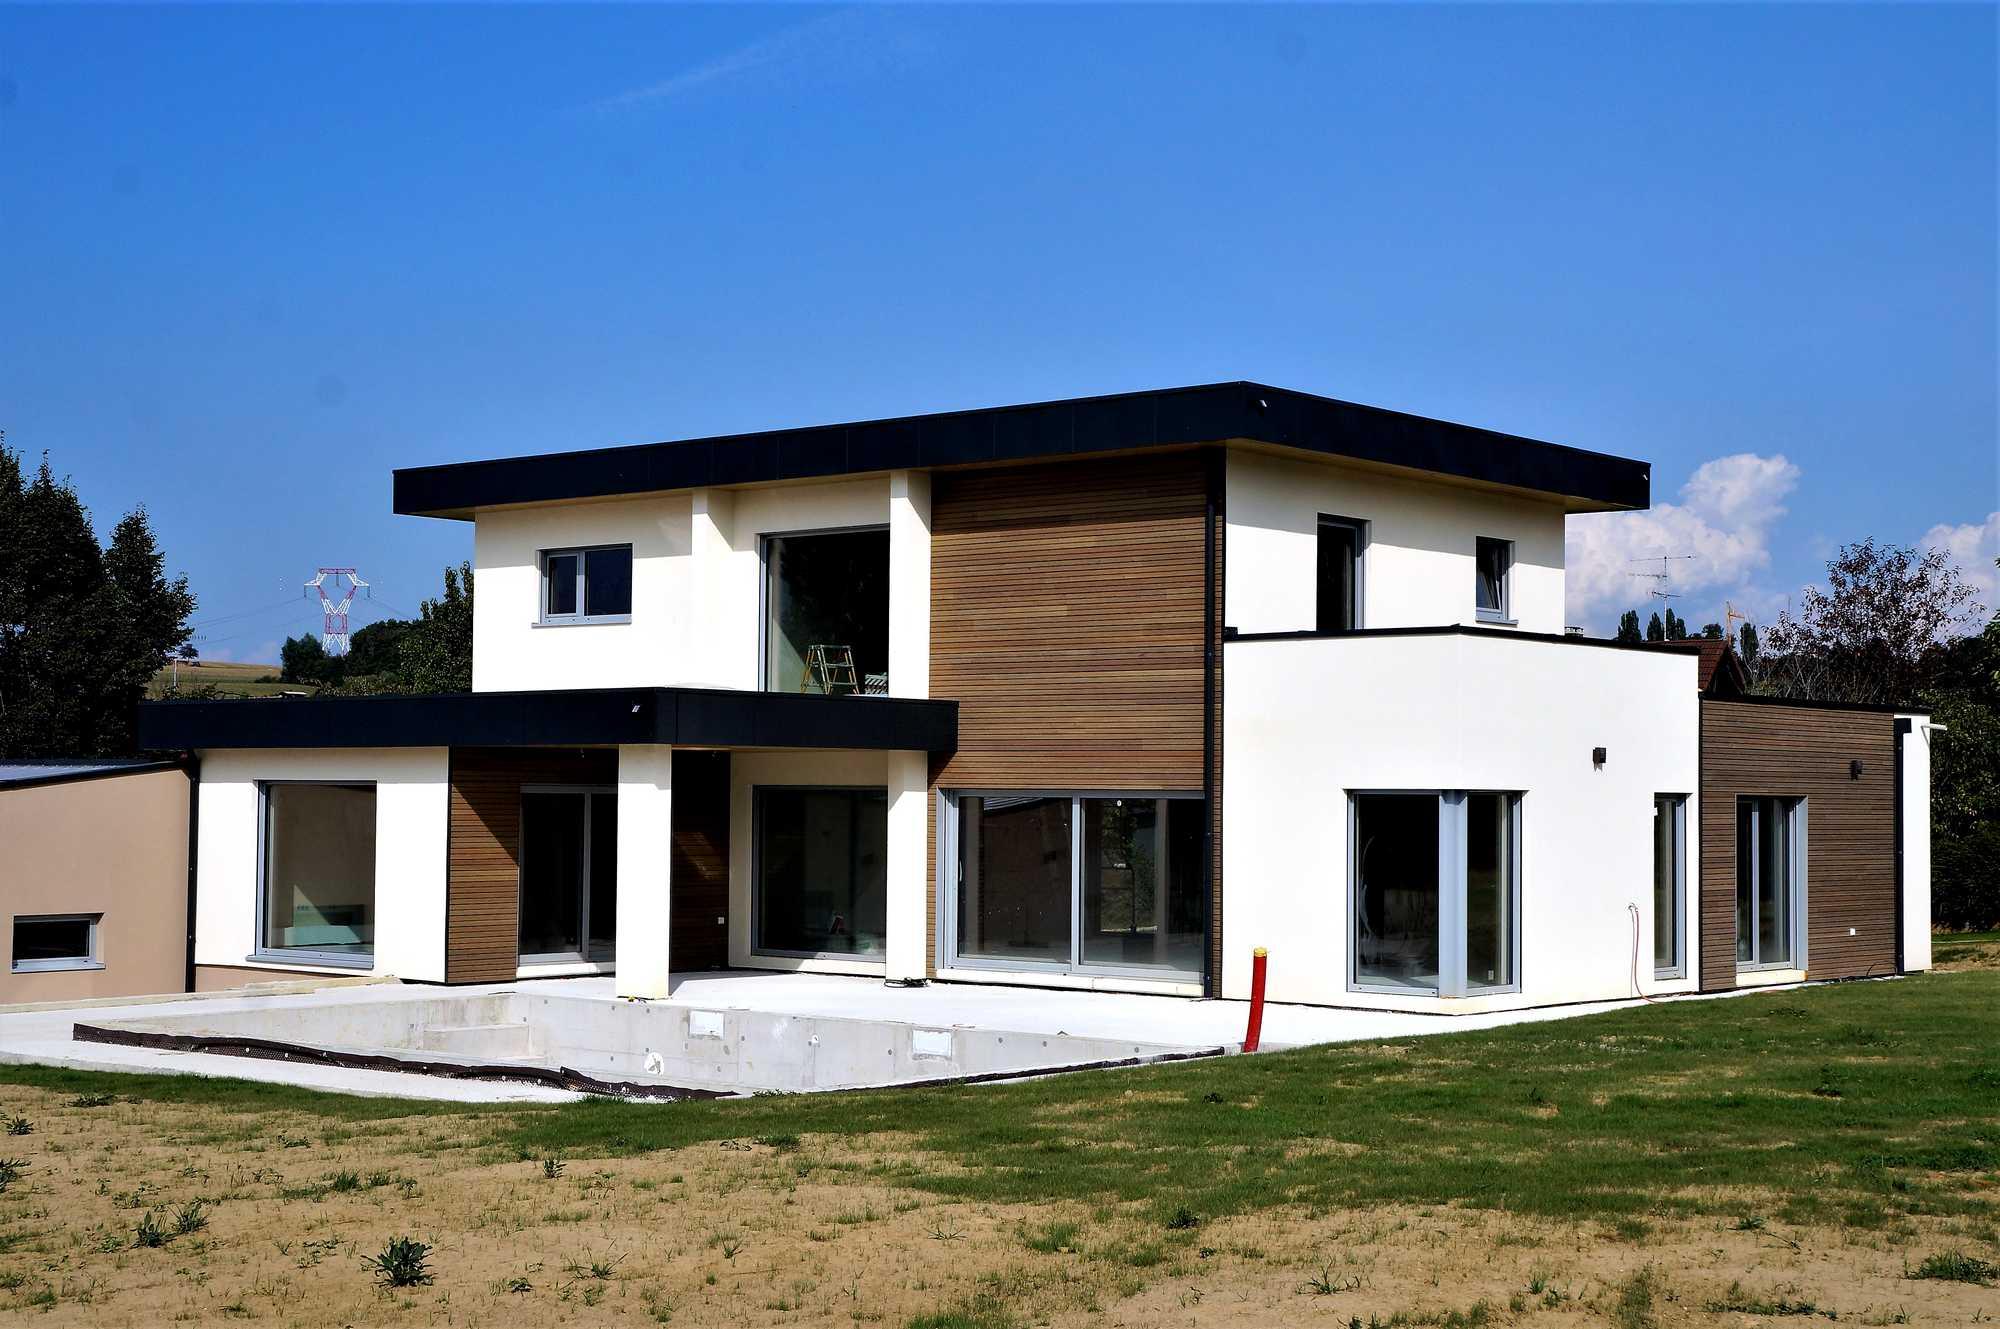 Cout d une maison ossature bois en autoconstructio for Cout d une extension